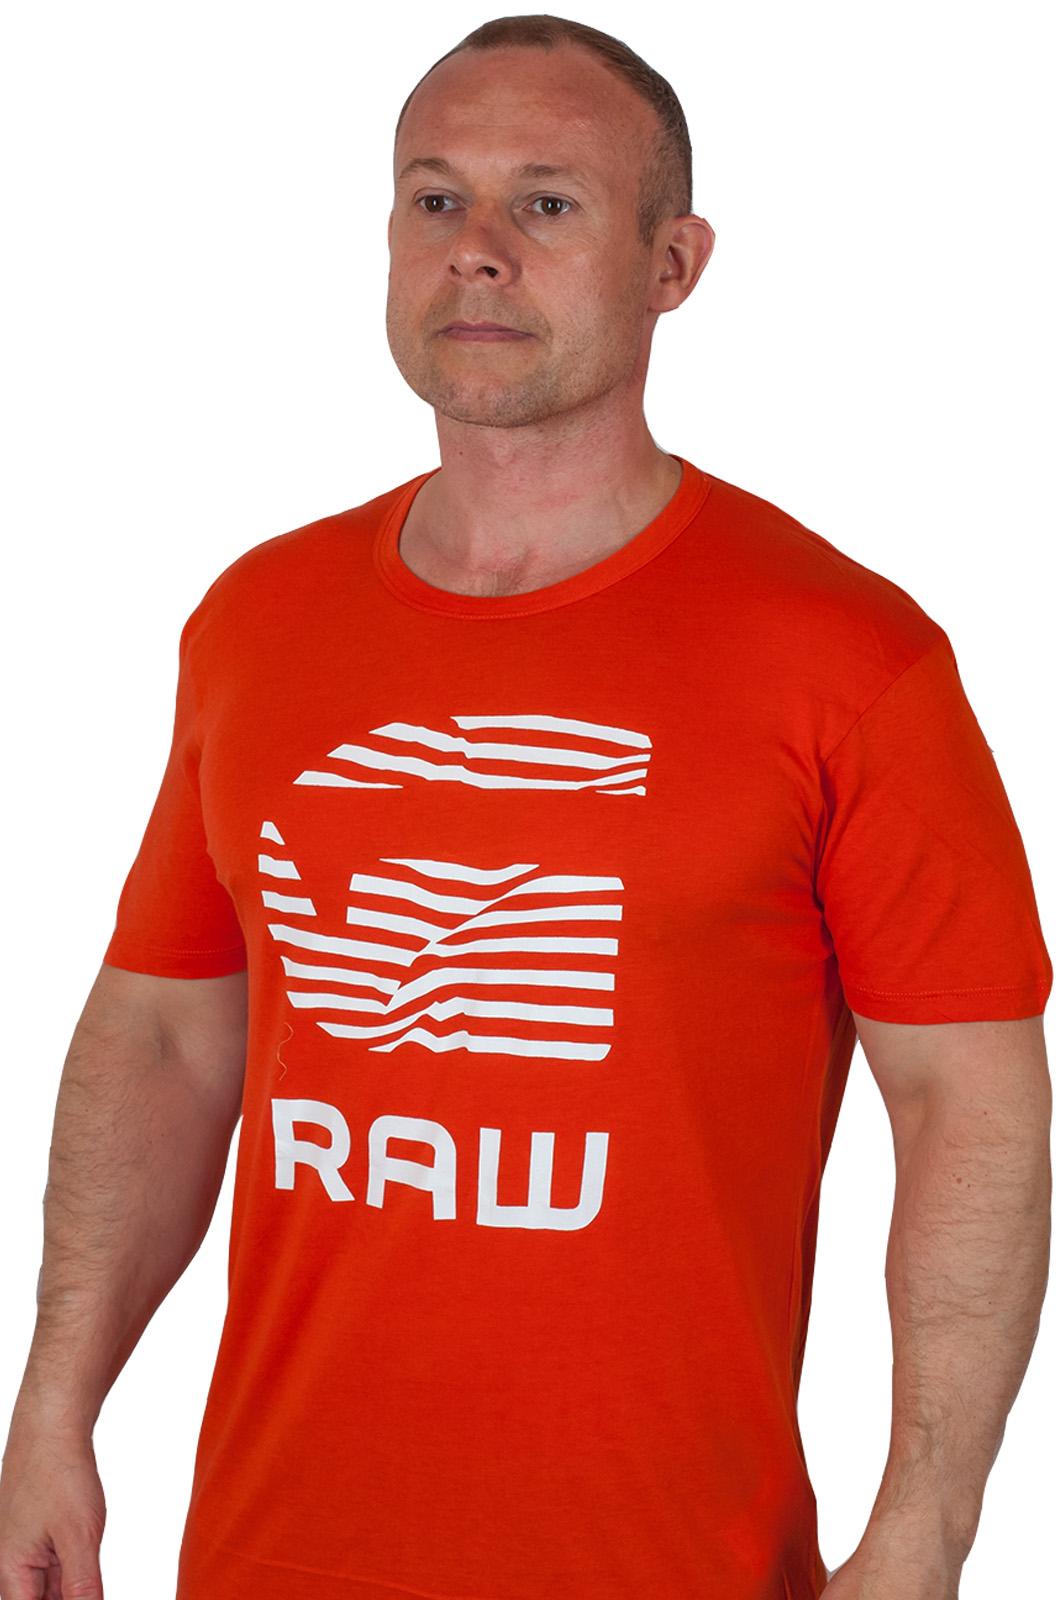 Футболка для дерзкого уличного лука G-Star Raw® Radcort